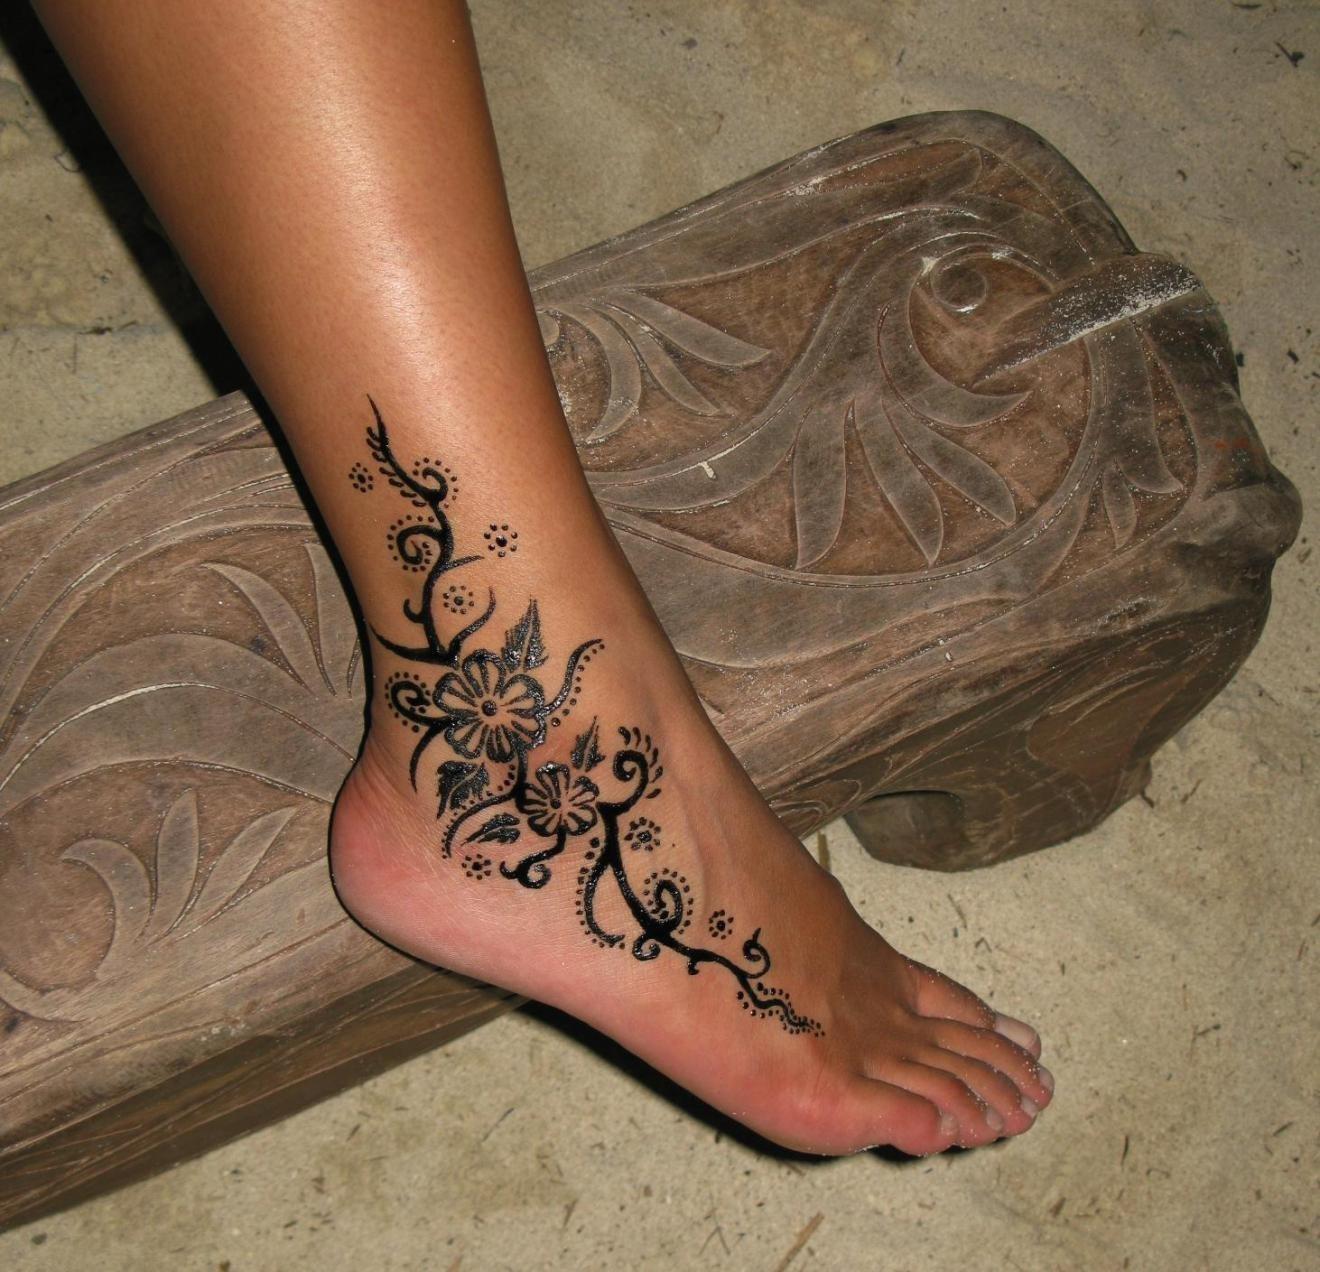 Wskazuje Tatuaż Na Kostkę Ale Znaczenie Tego Obrazu Ma Inne